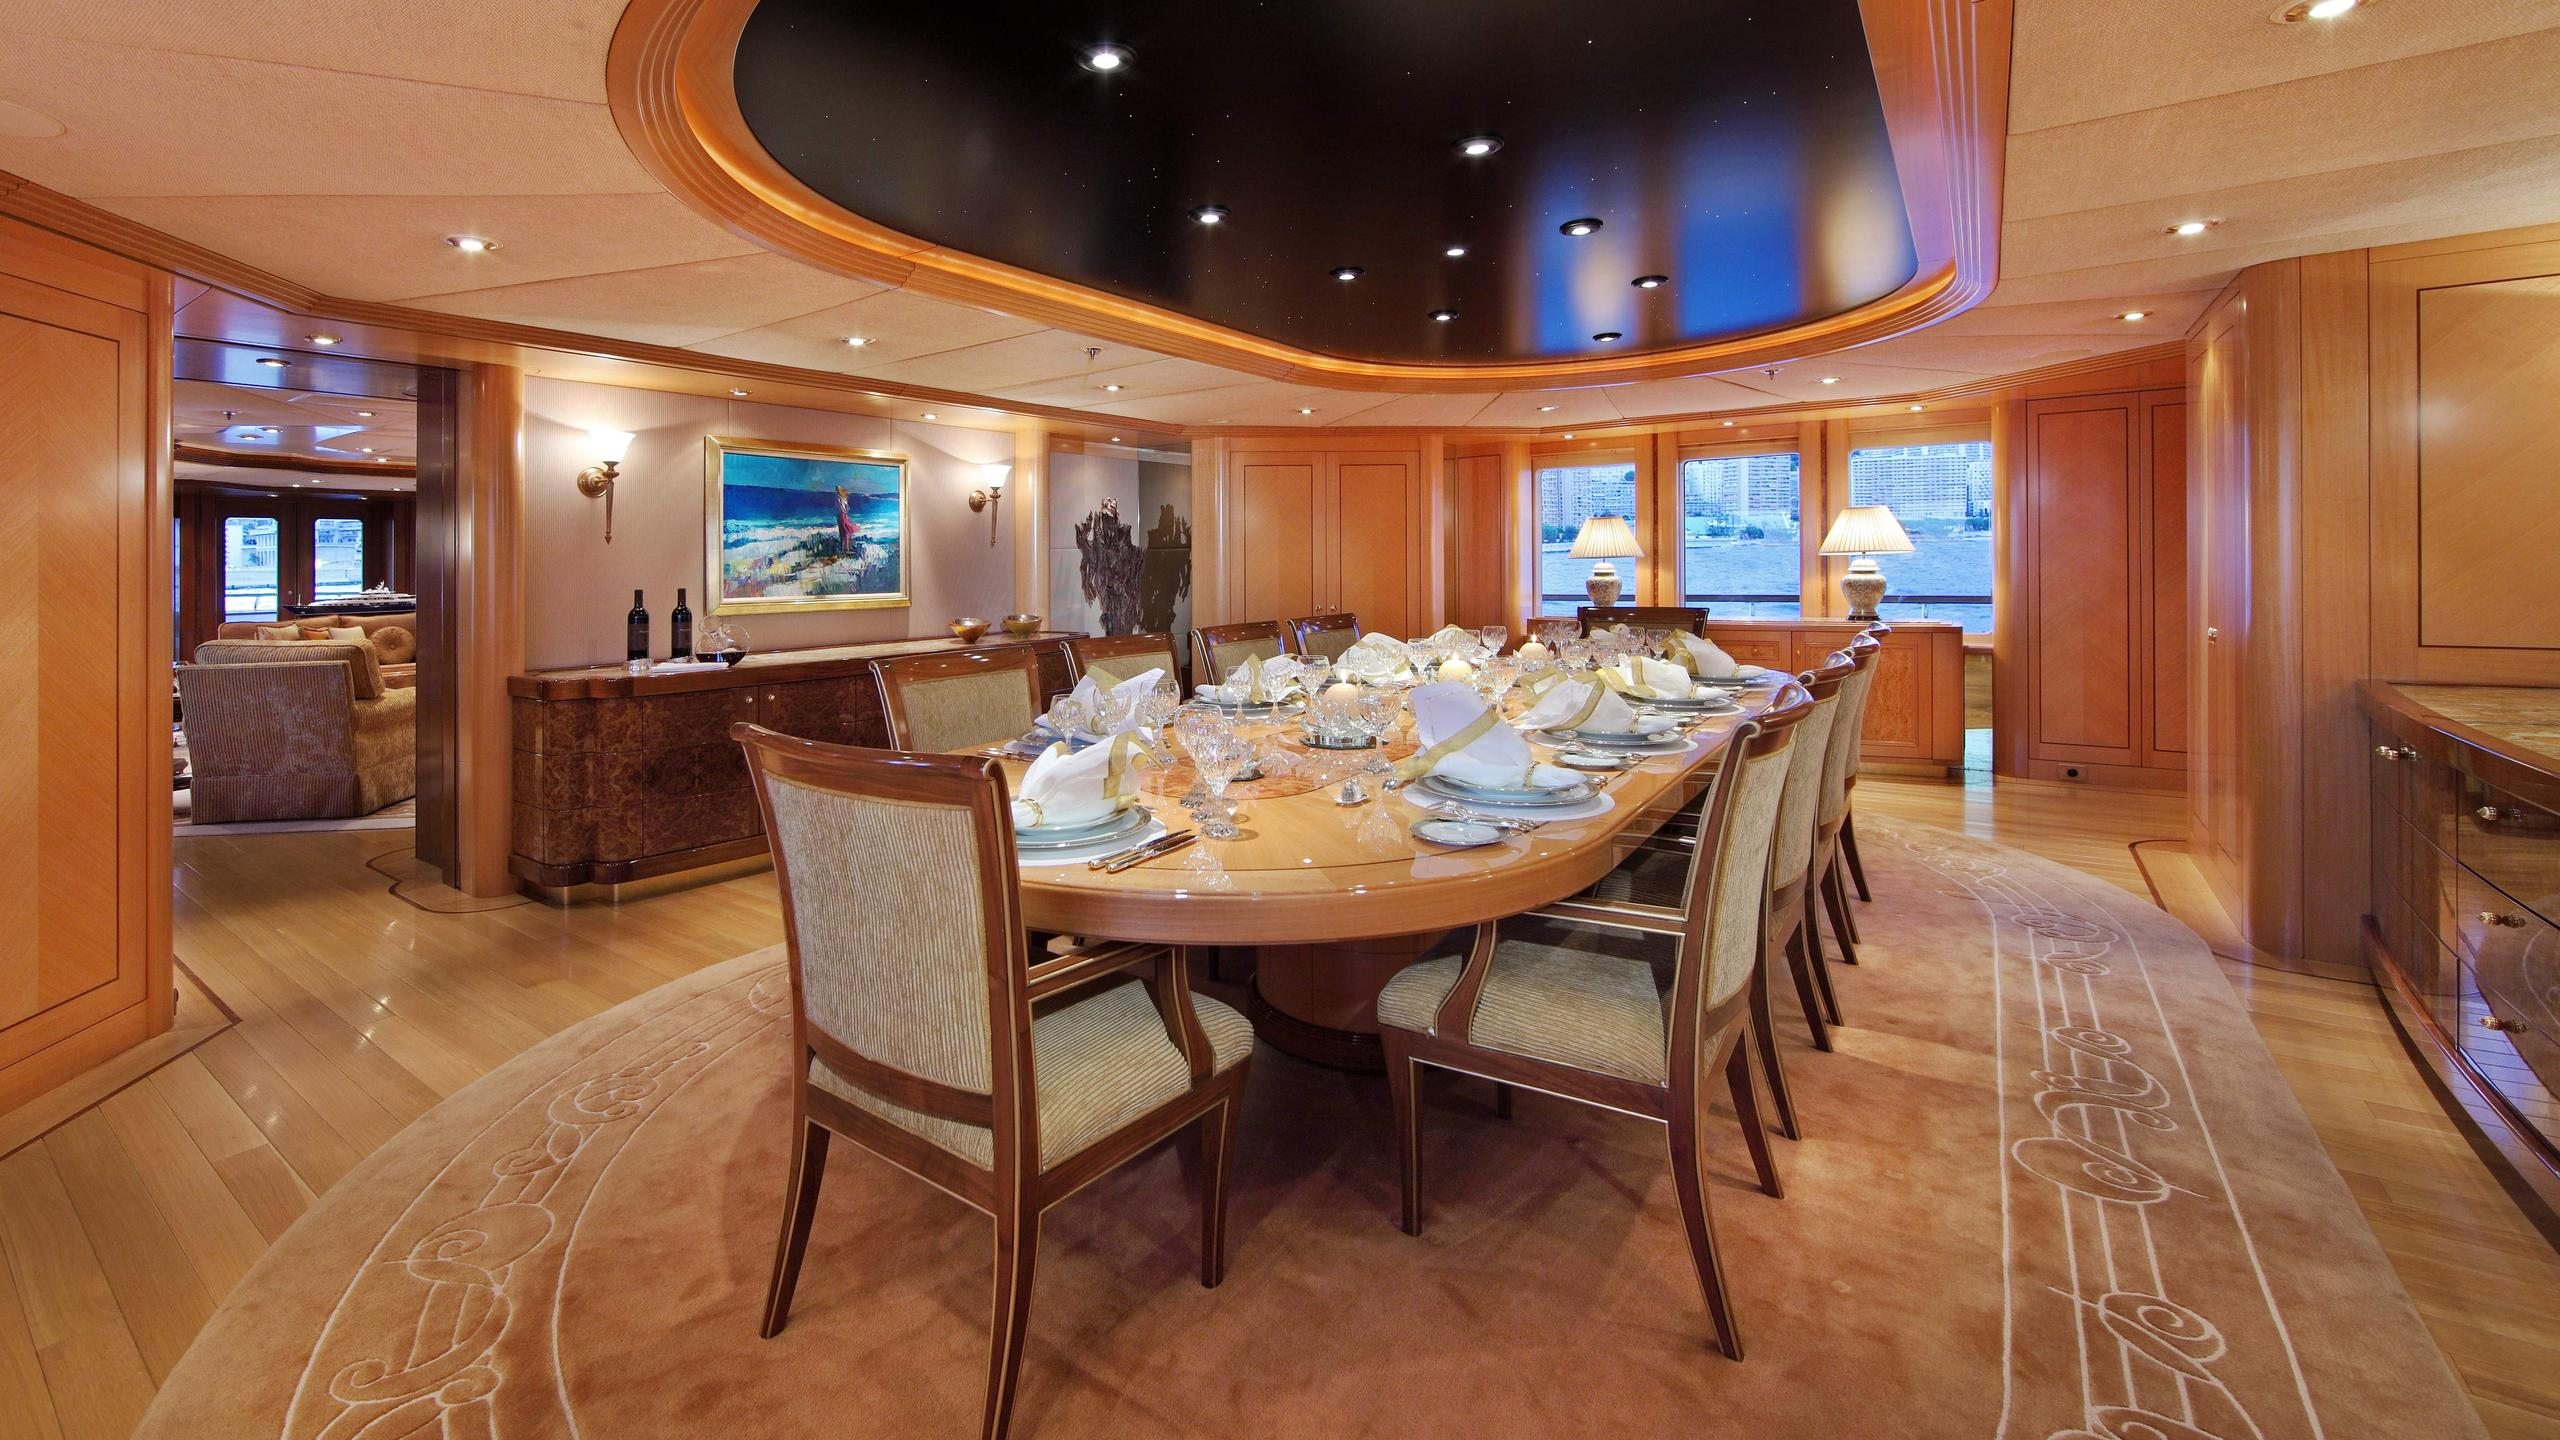 laurel-motor-yacht-delta-marine-2006-73m-dining-room